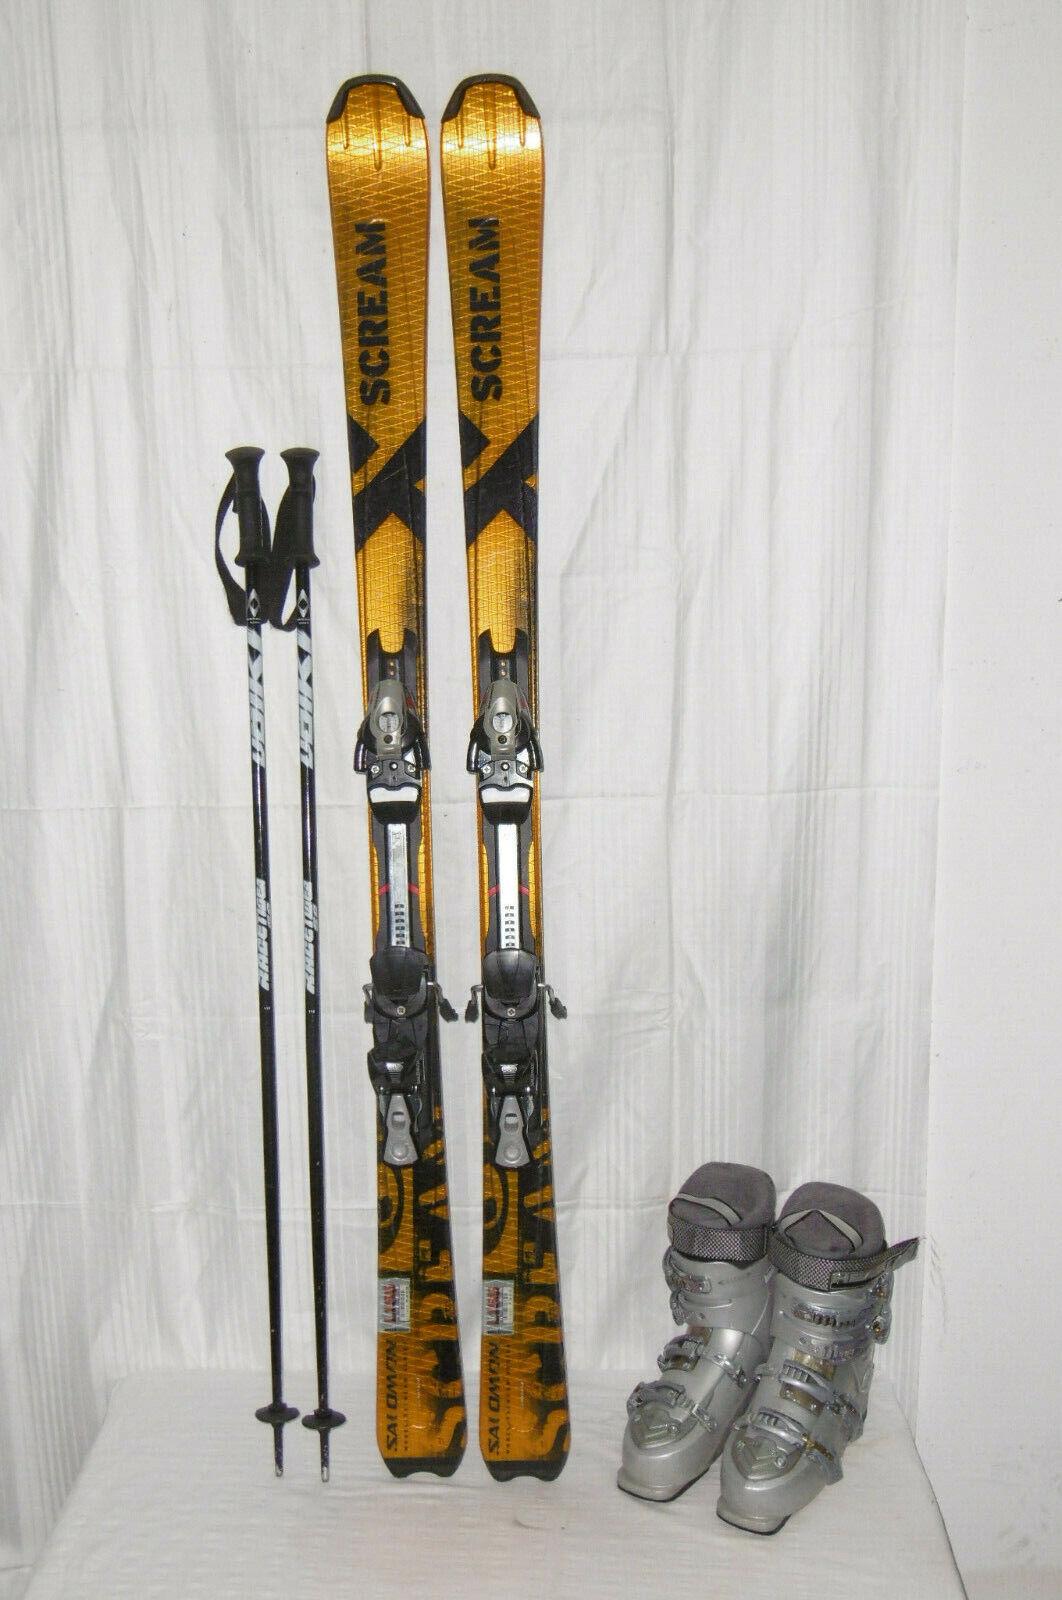 Salomon  Scream  Top Ski Allround Carver 155 cm + Ski Stiefel Größe  41 in Set